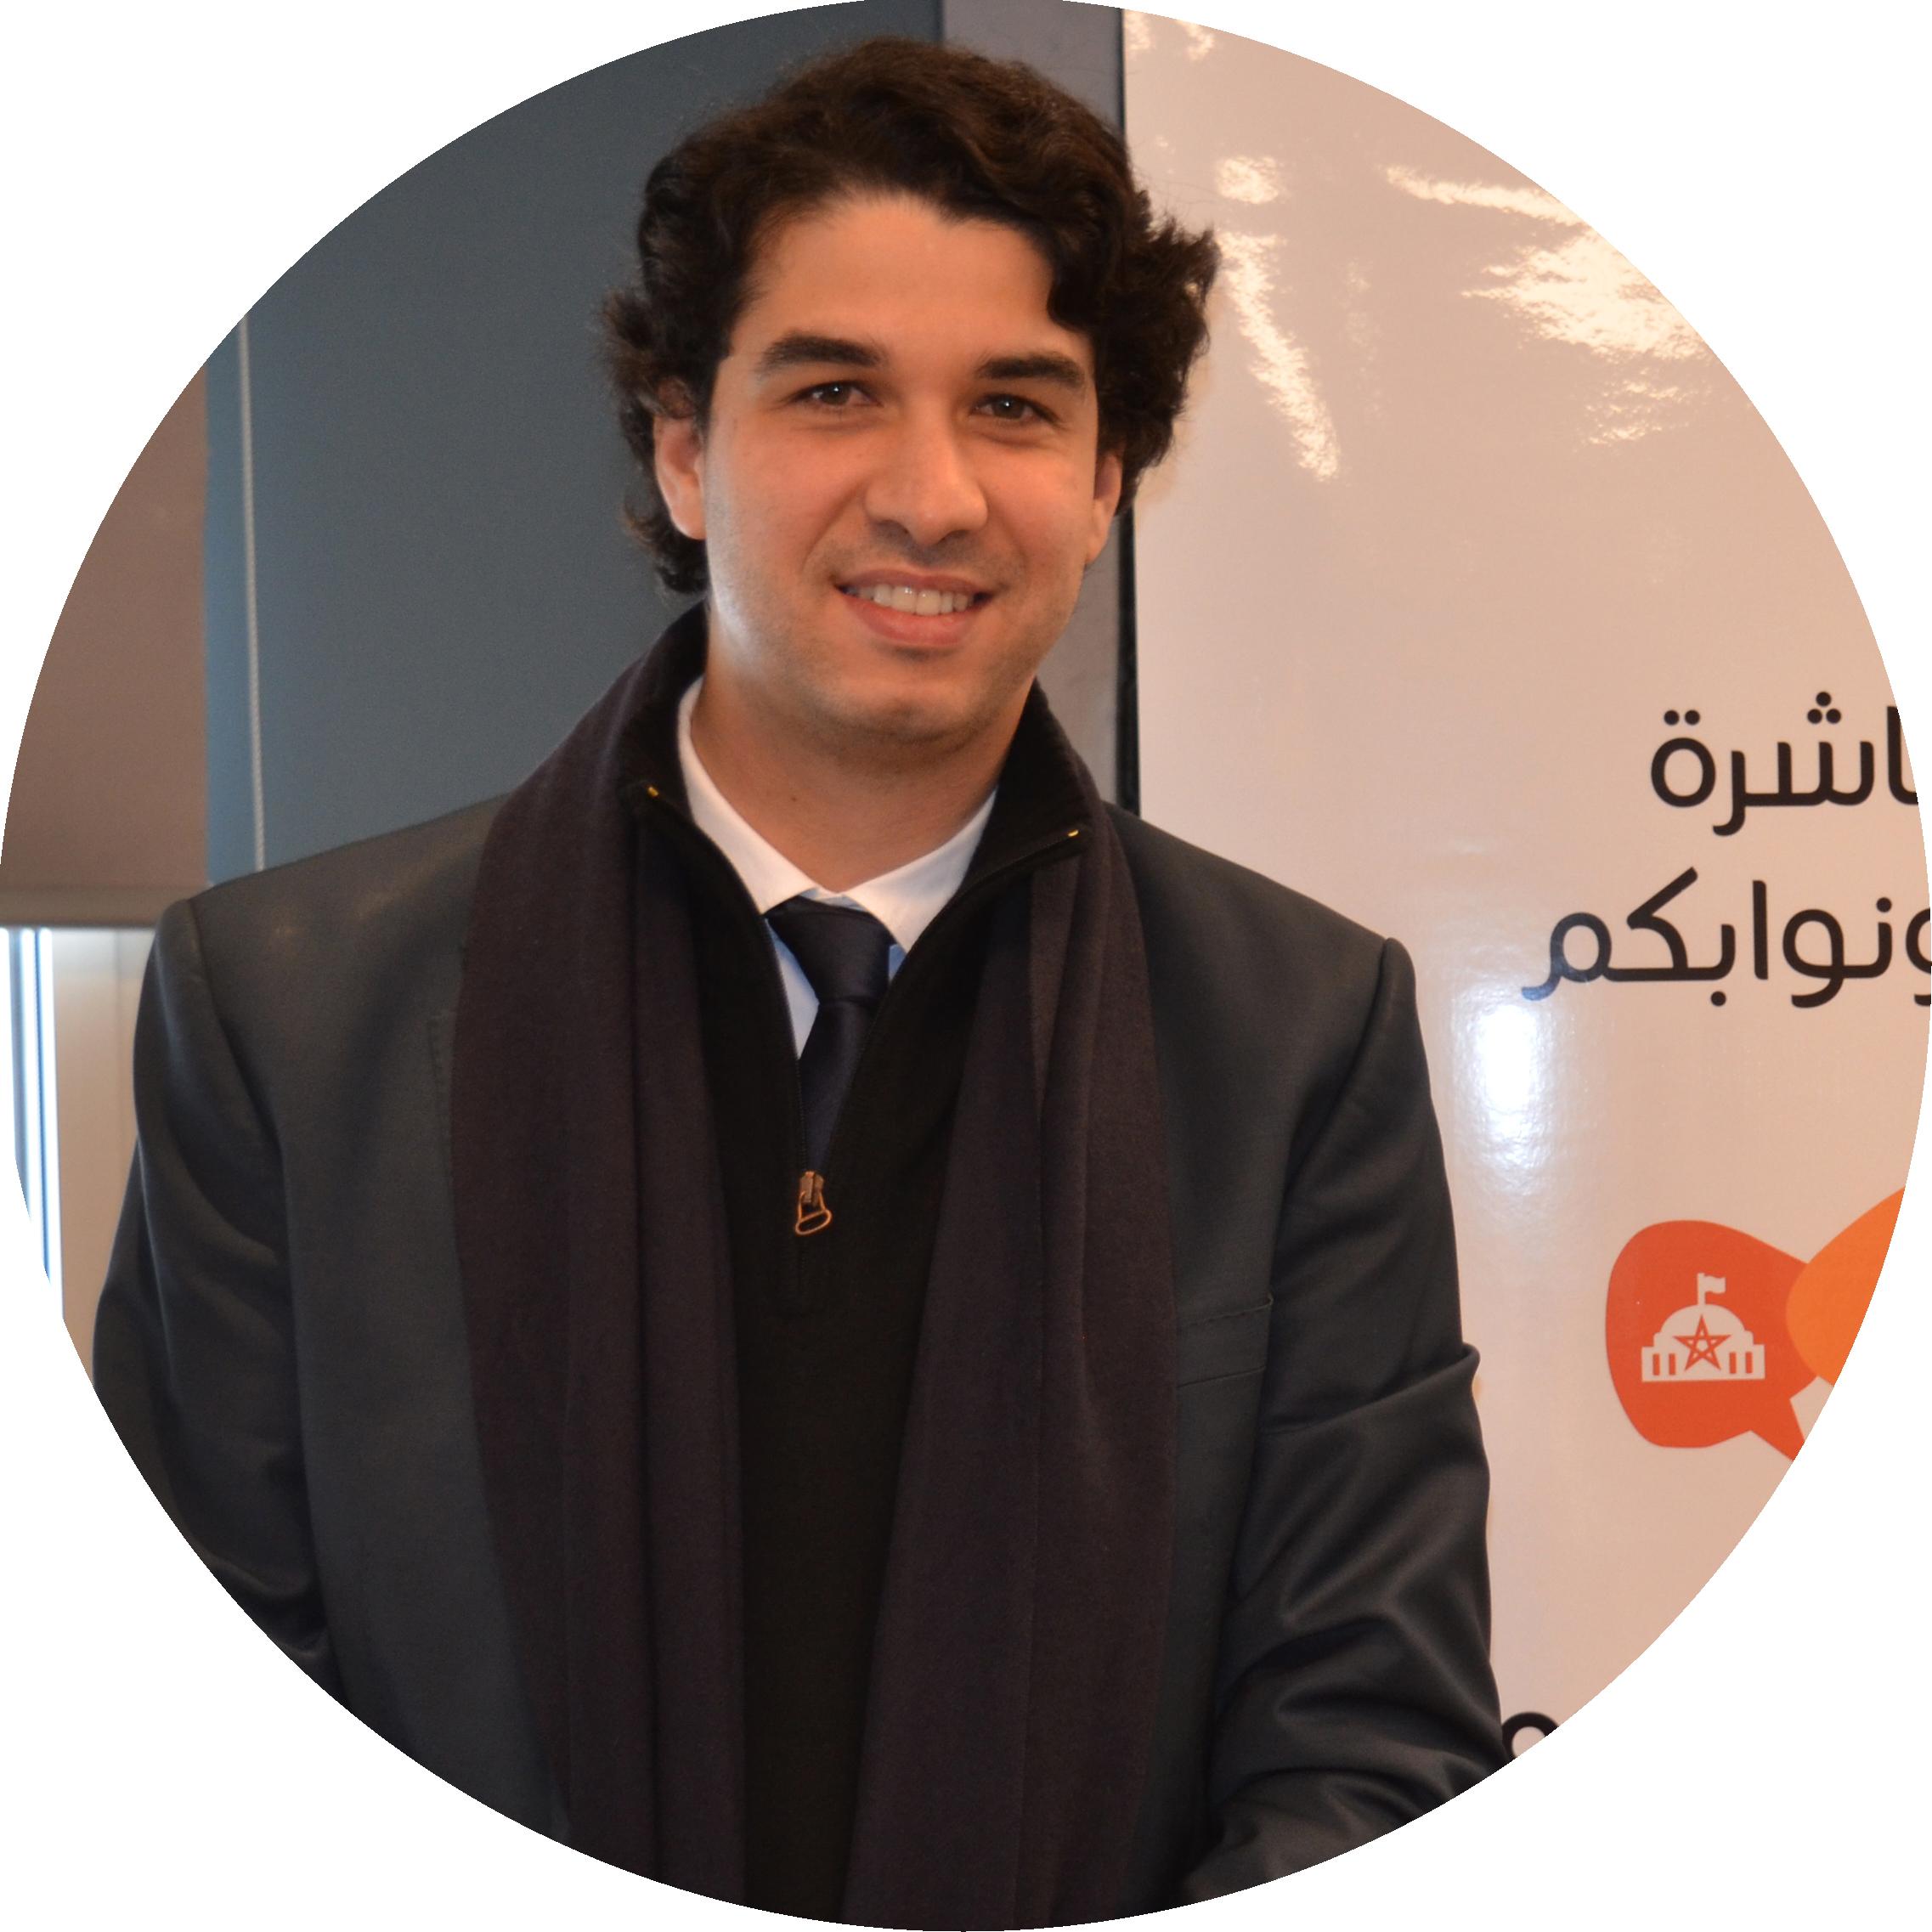 Abdelmjid Fassi